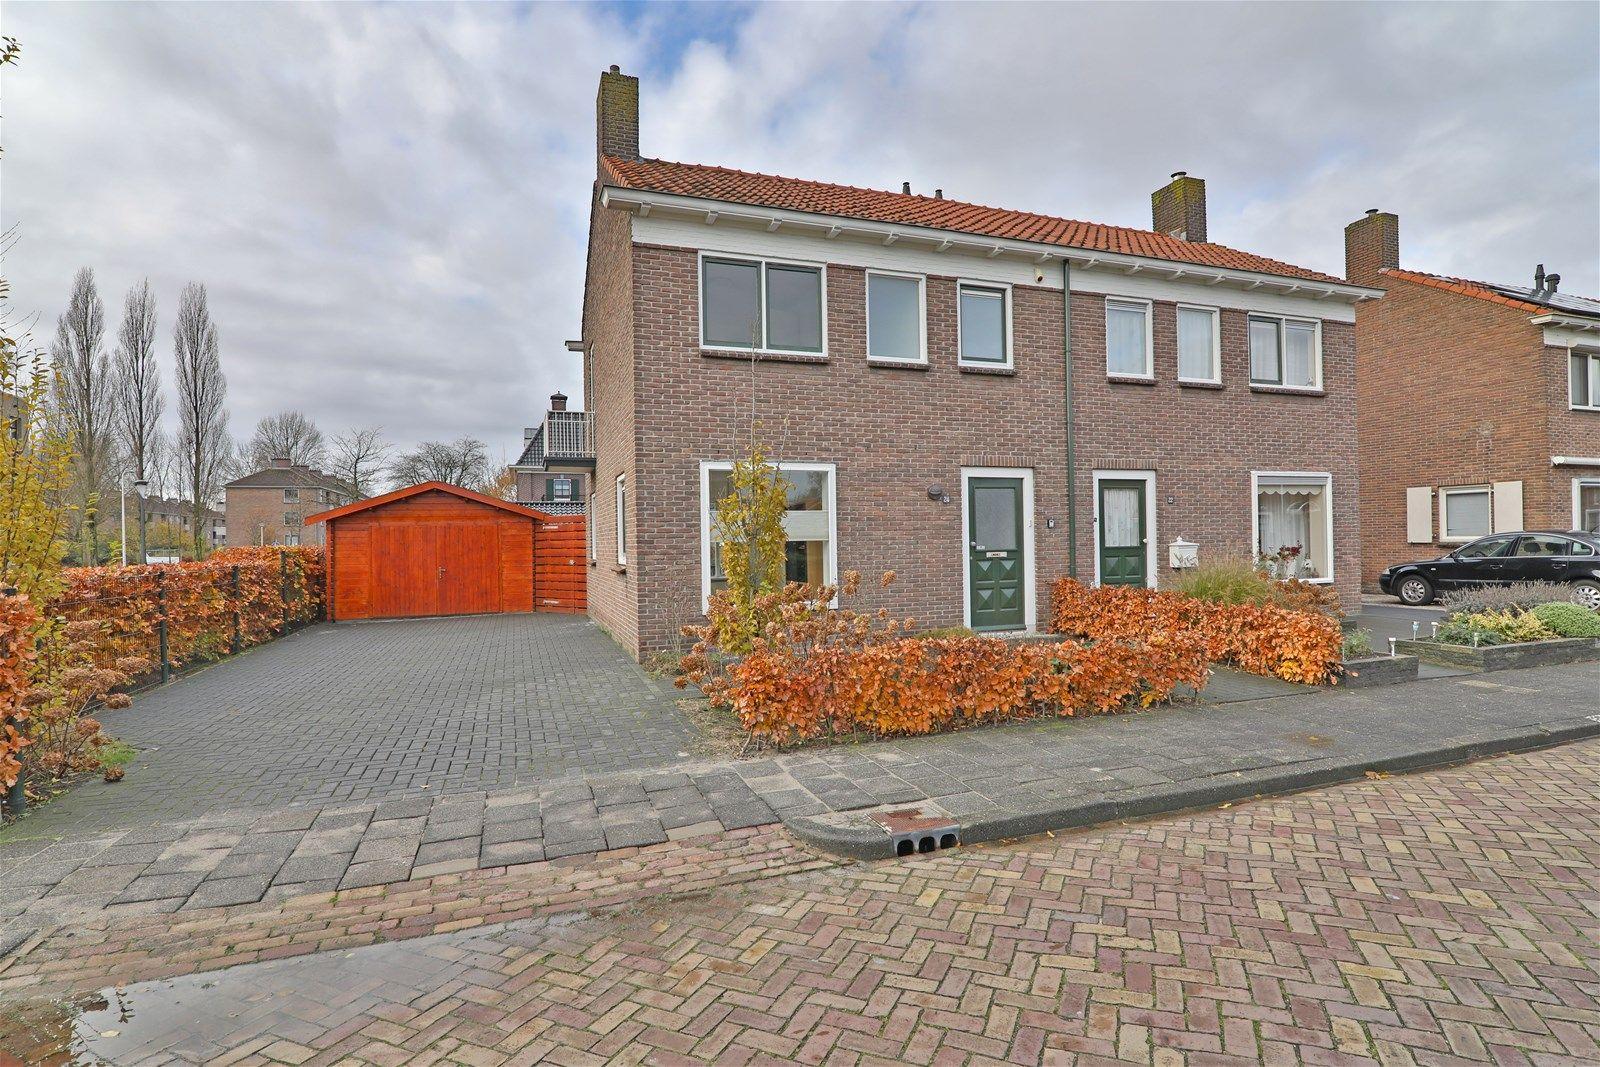 Da Costastraat 24, Hoogeveen